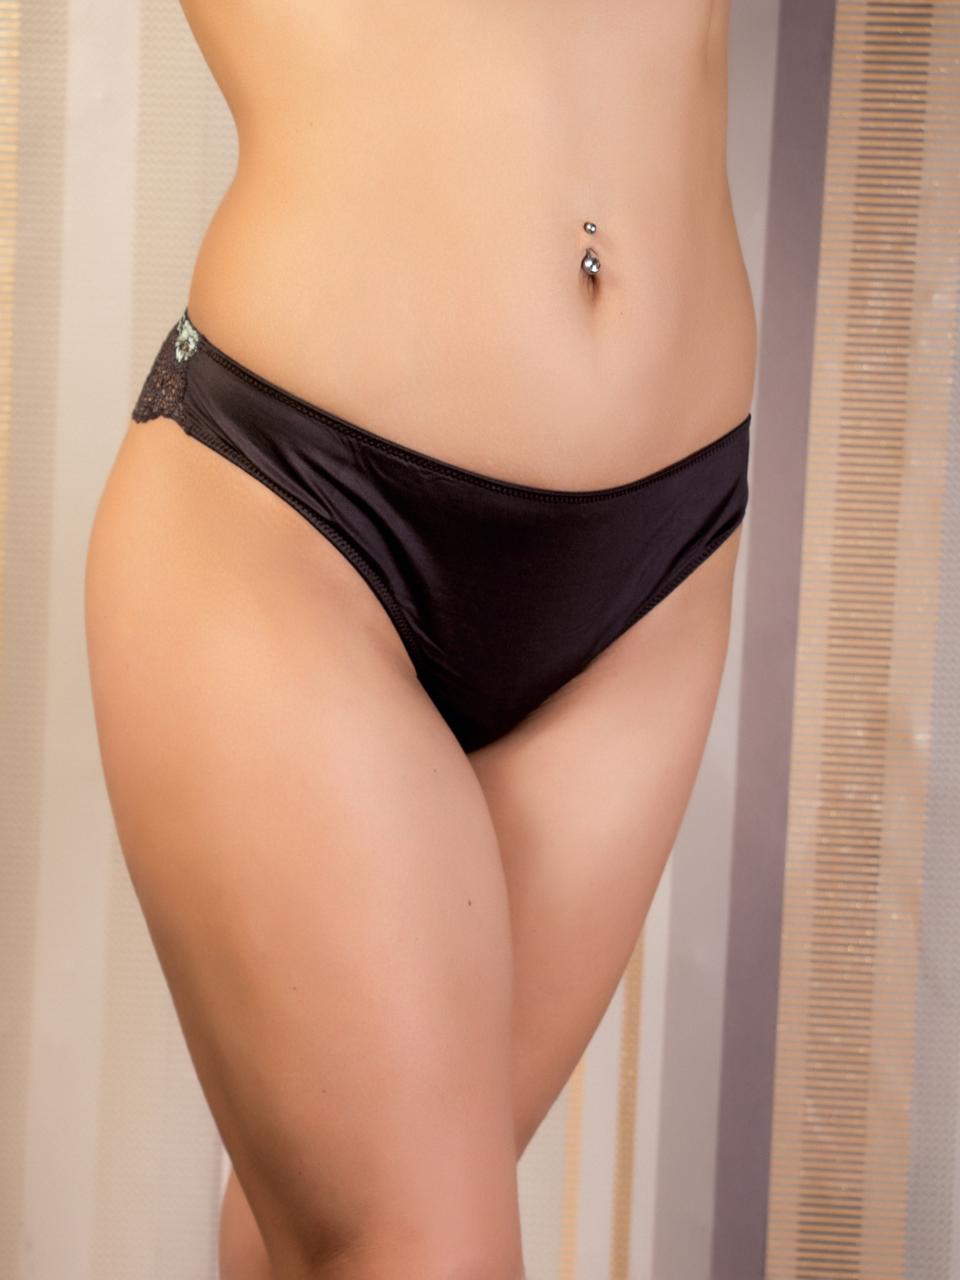 Трусики жіночі Acousma P6427H, колір Коричневий,  розмір L